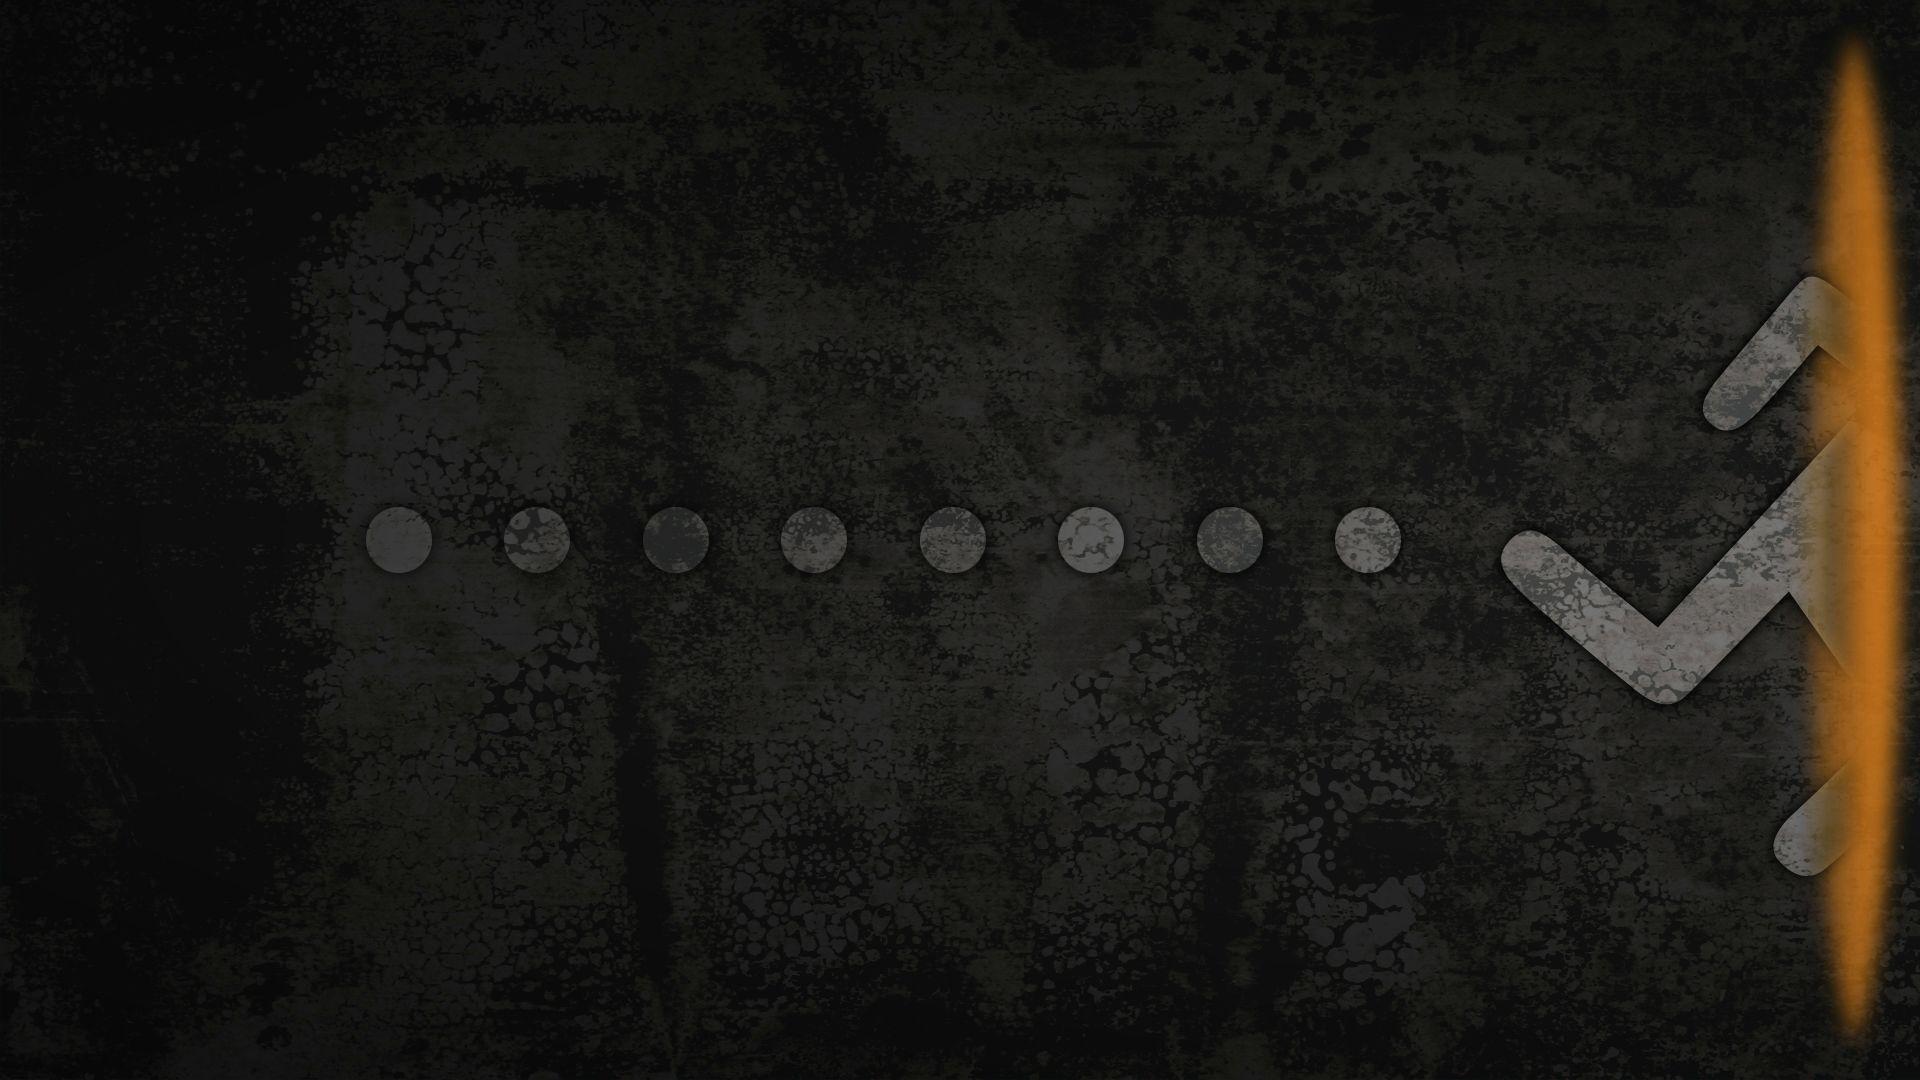 Portal 2 Full HD Wallpaper 1920x1080